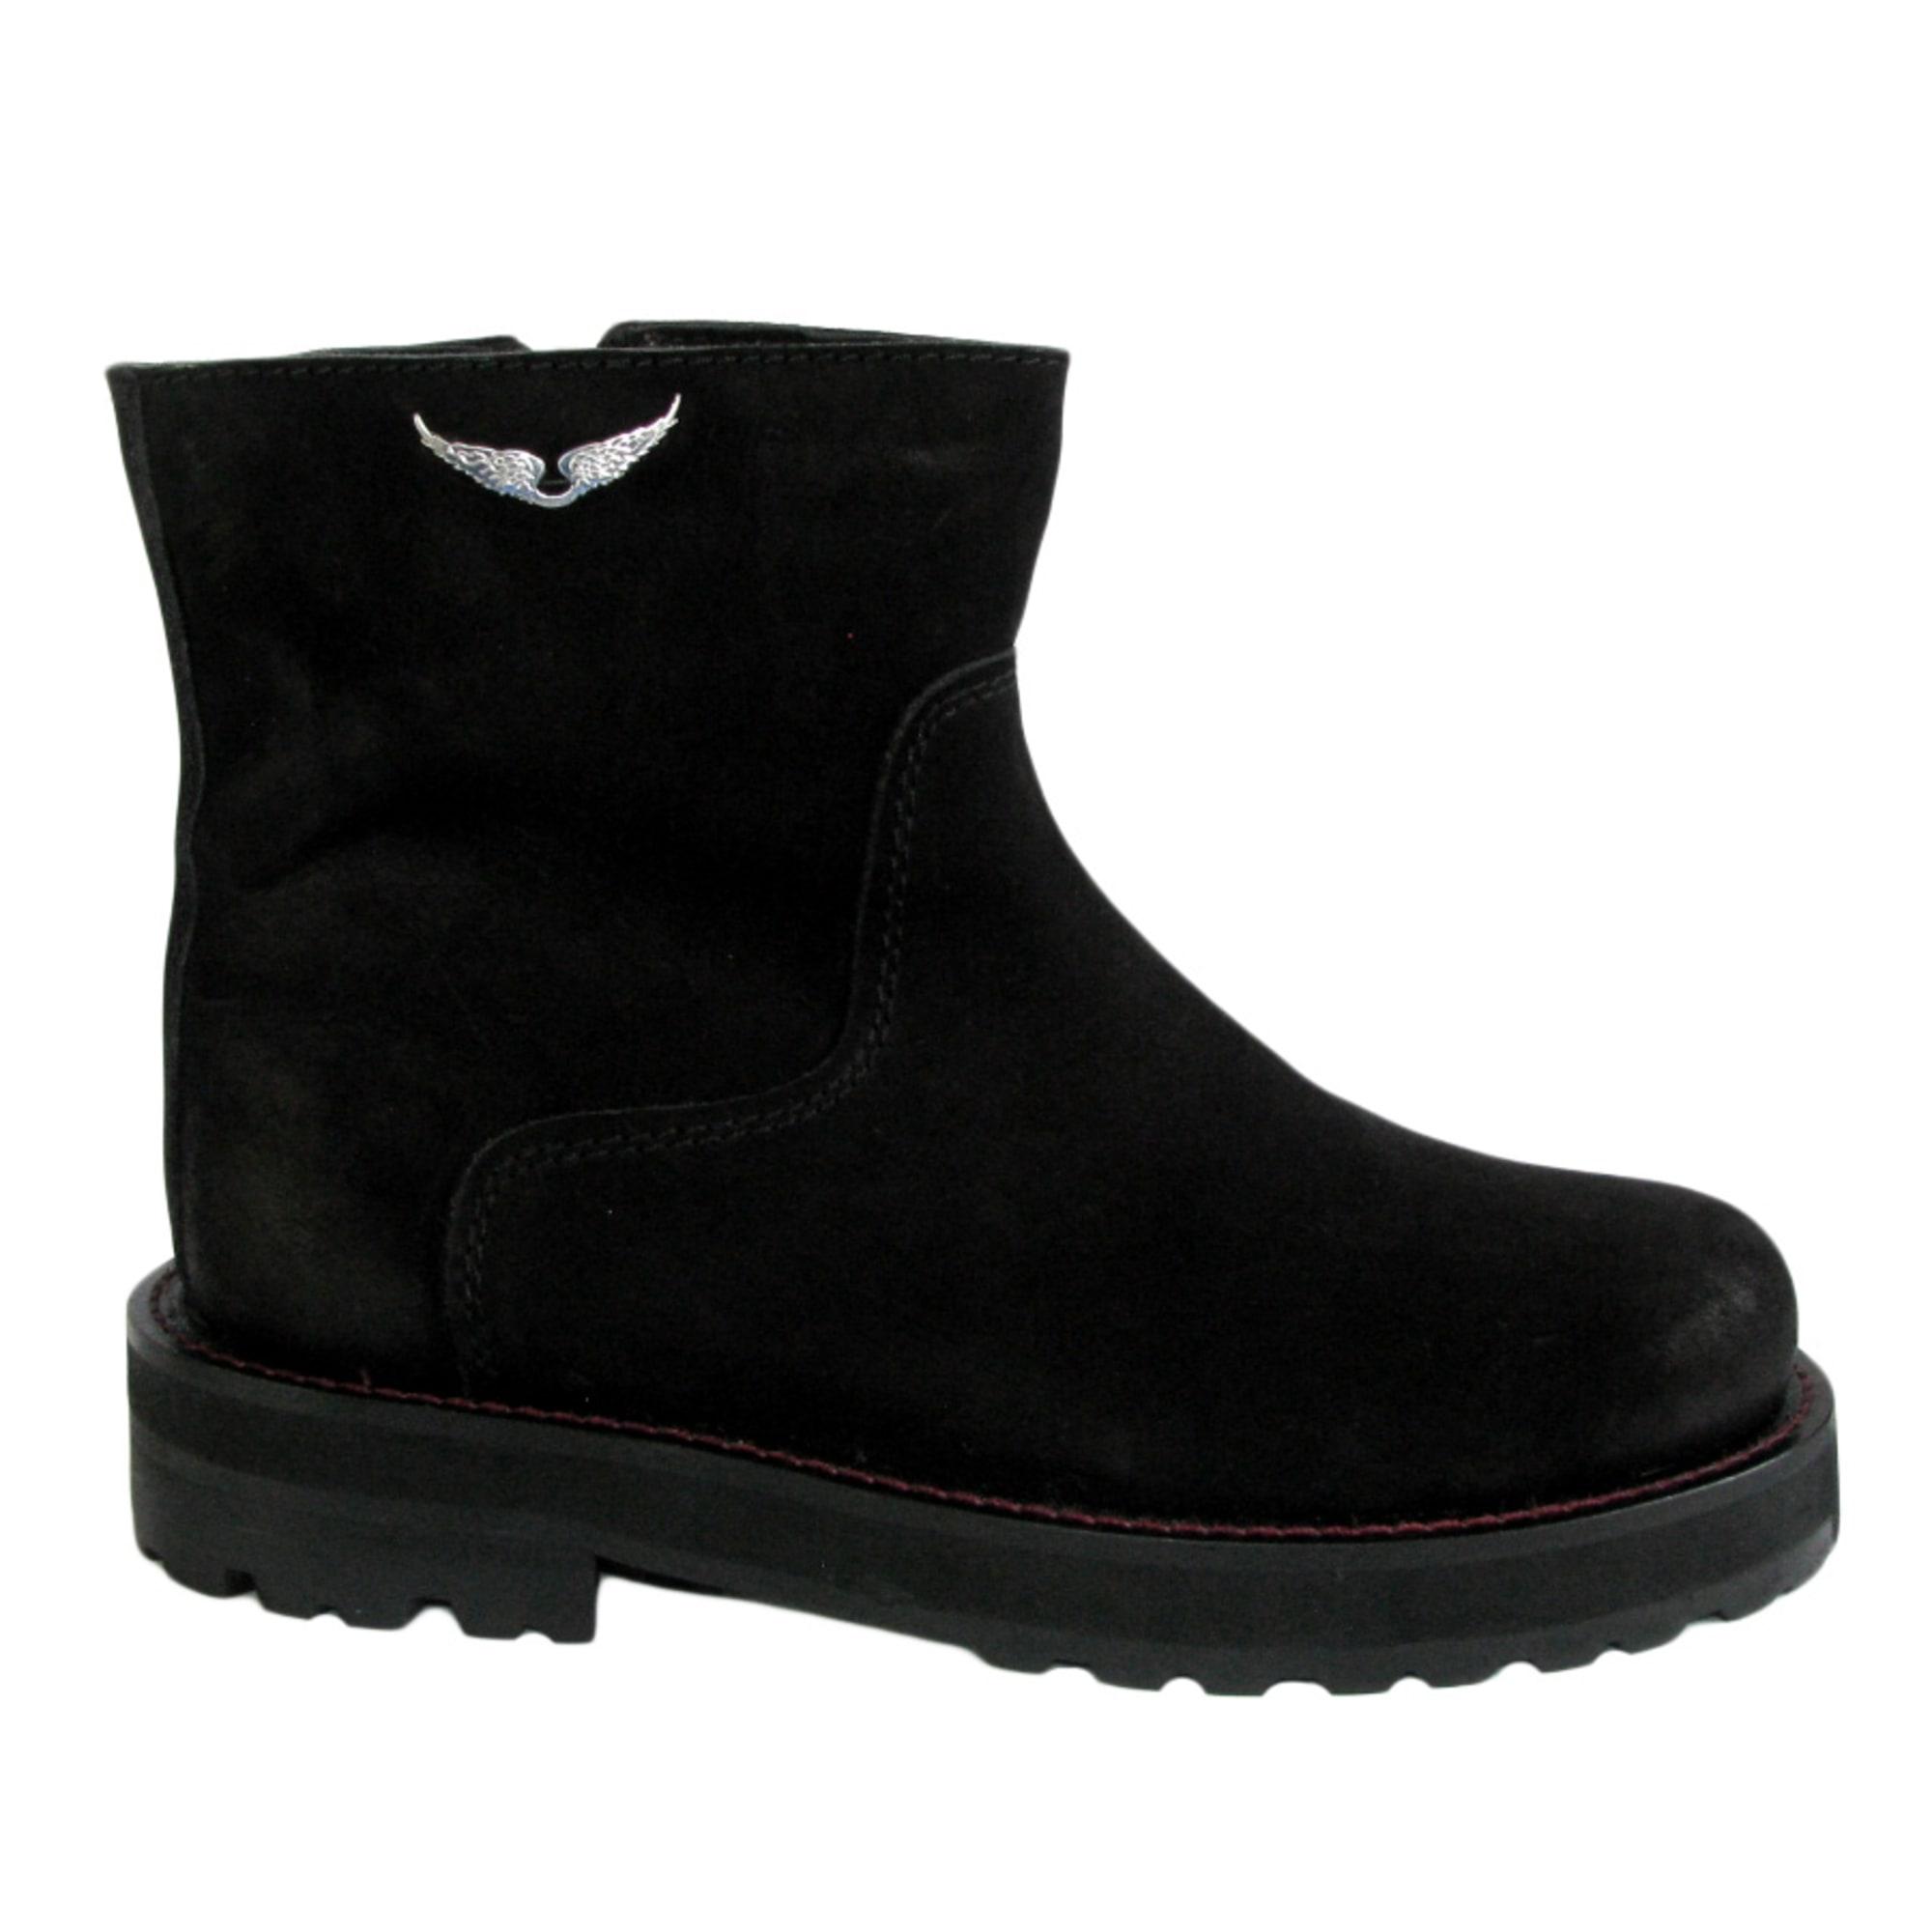 cbb2bc10216 Bottines   low boots plates ZADIG   VOLTAIRE 38 noir vendu par Le ...